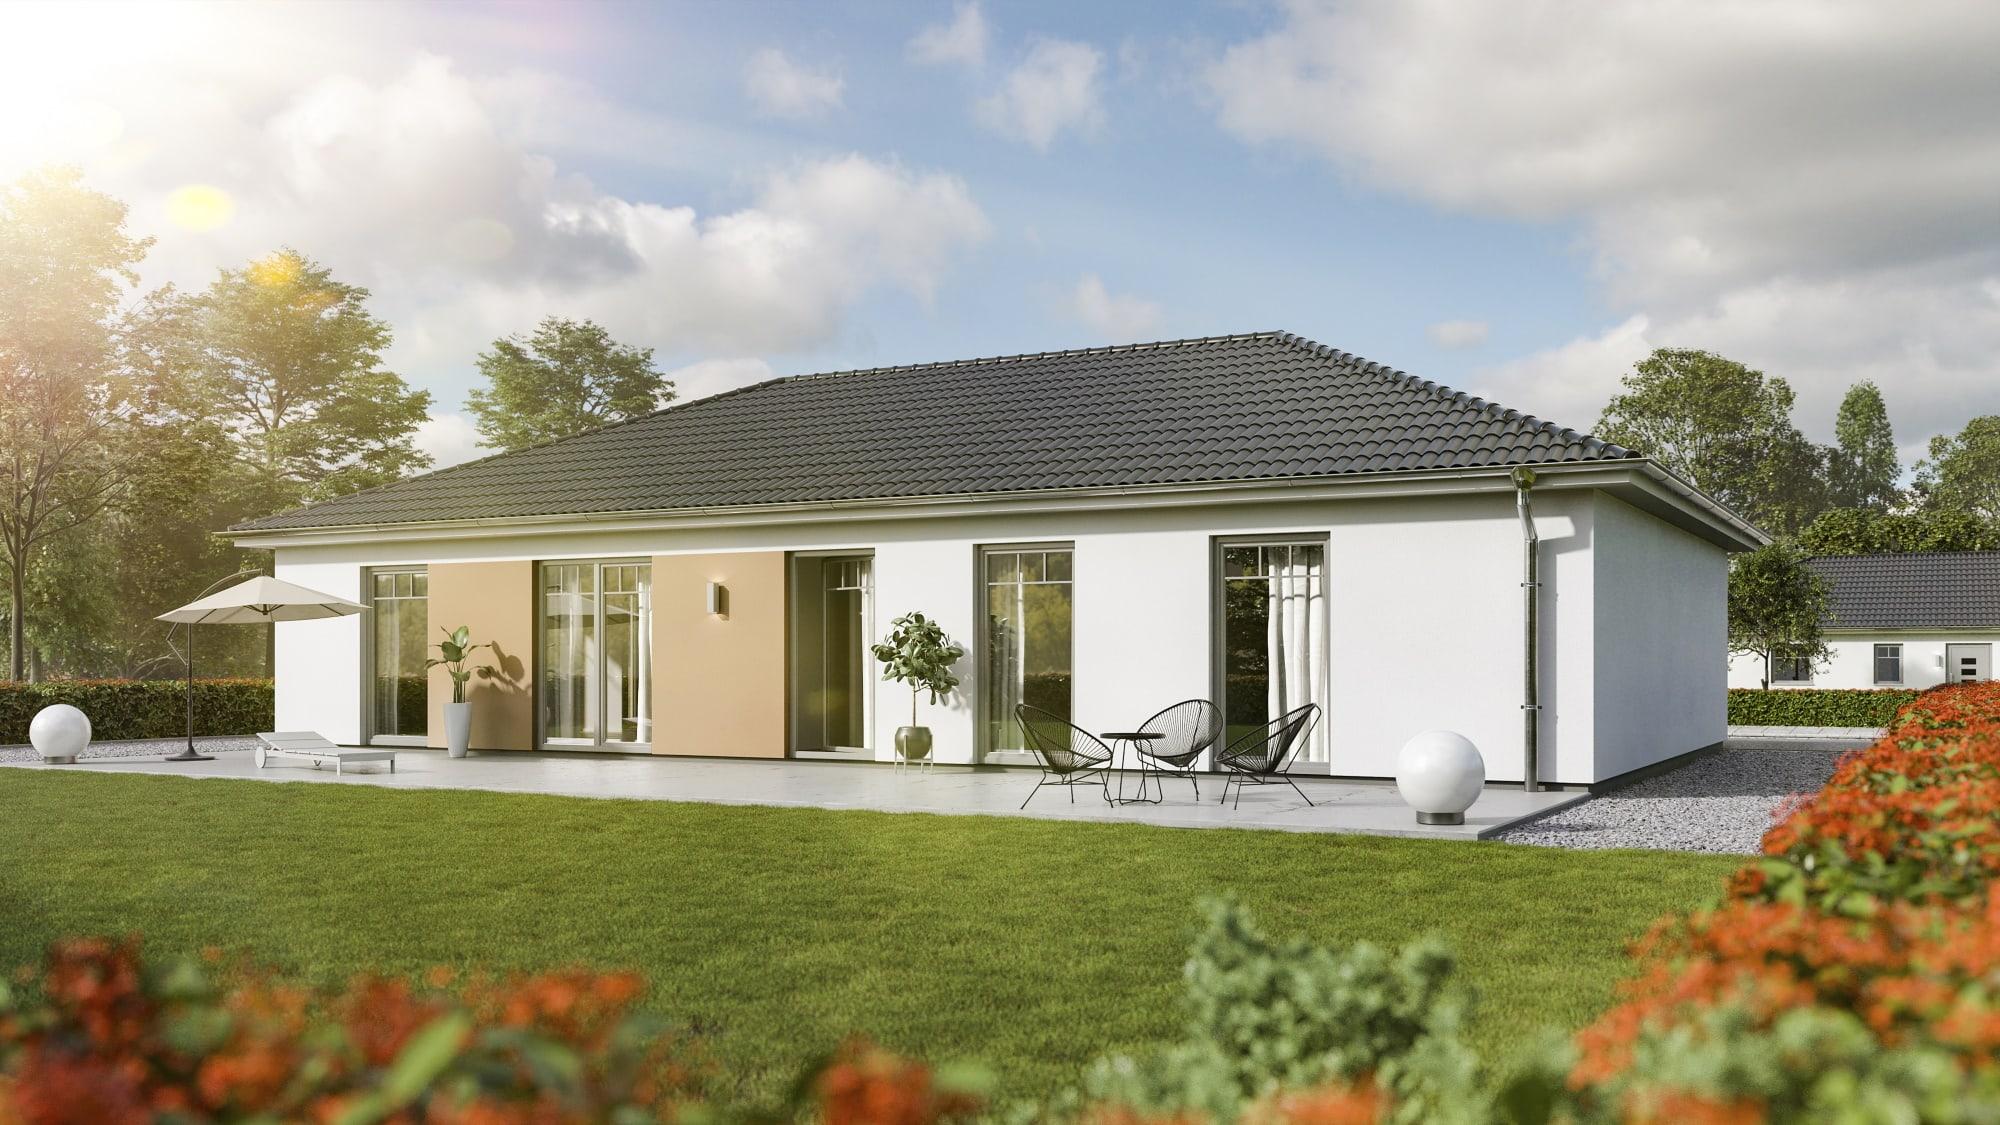 Bungalow Haus klassisch mit Walmdach, 5 Zimmer, 130 qm - Massivhaus Town Country Haus Bungalow 131 Trend - HausbauDirekt.de